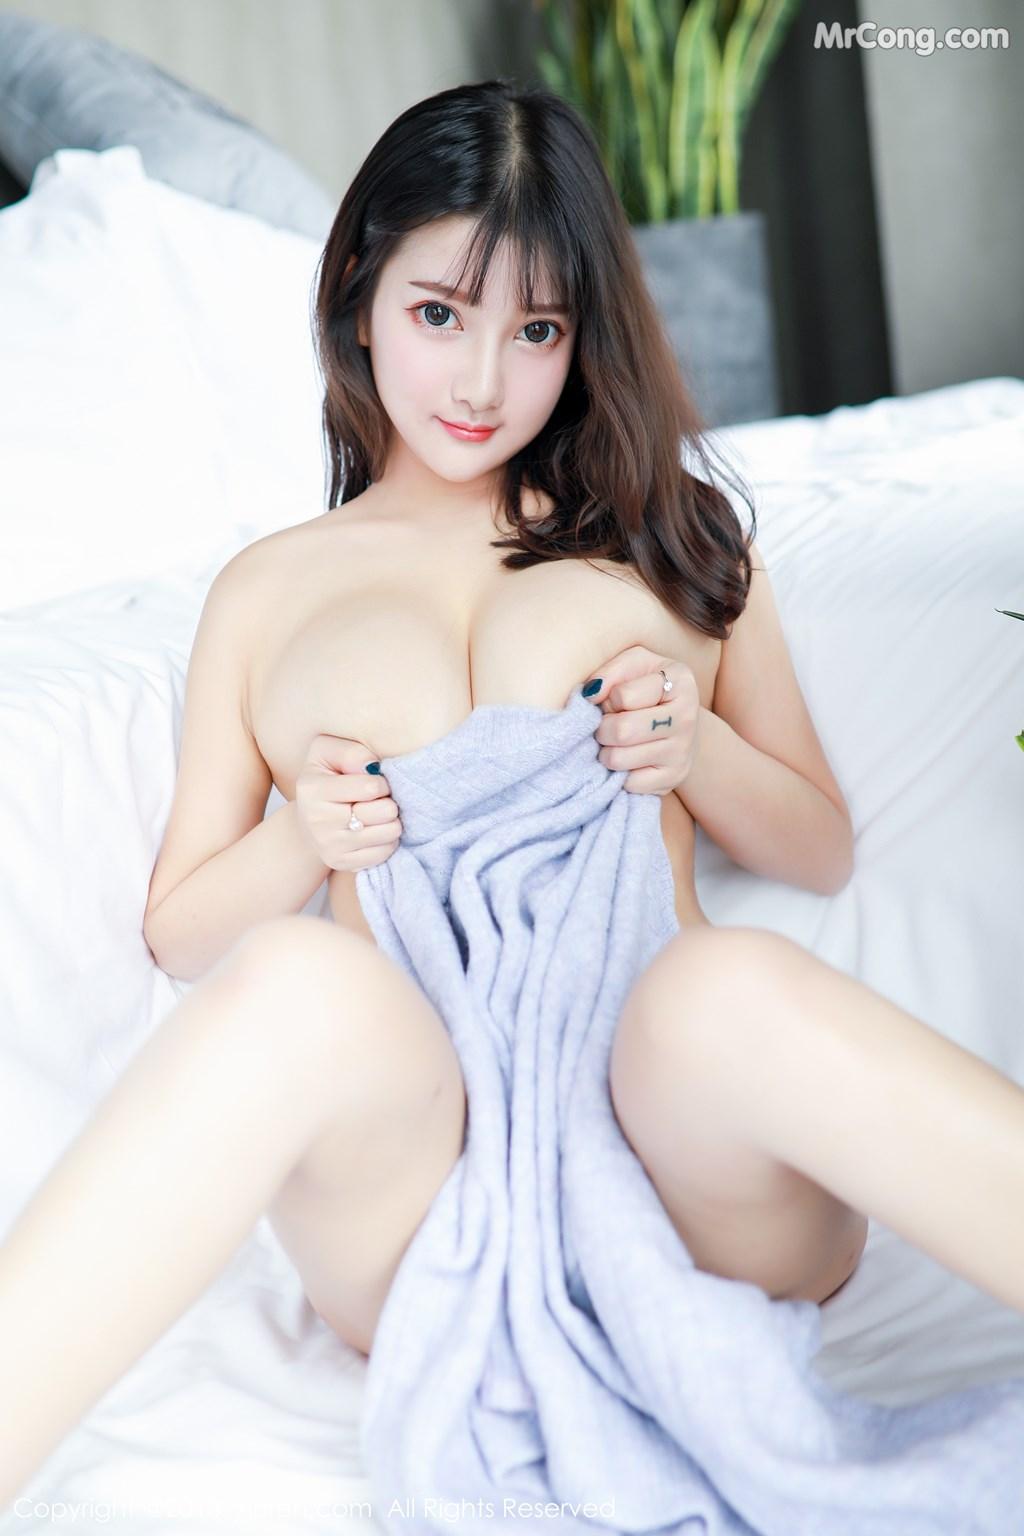 Image XIUREN-No.1274-Xiao-You-Nai-MrCong.com-010 in post XIUREN No.1274: Người mẫu Xiao You Nai (小尤奈) (42 ảnh)